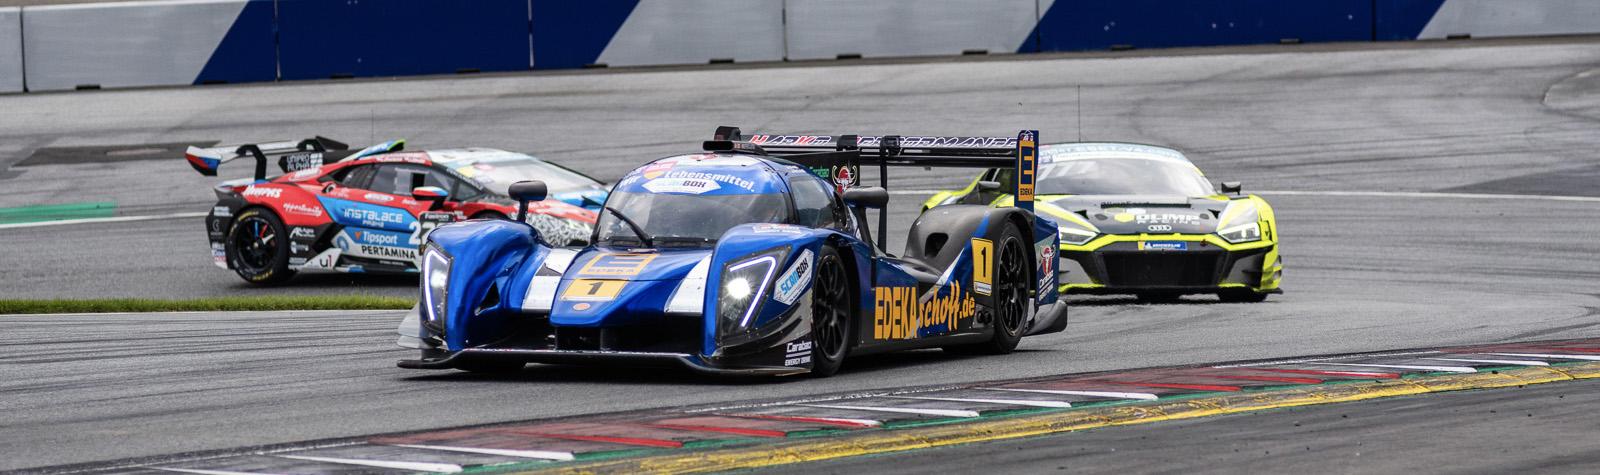 Lisowski po chybě neudržel prvenství v závodě Endurance